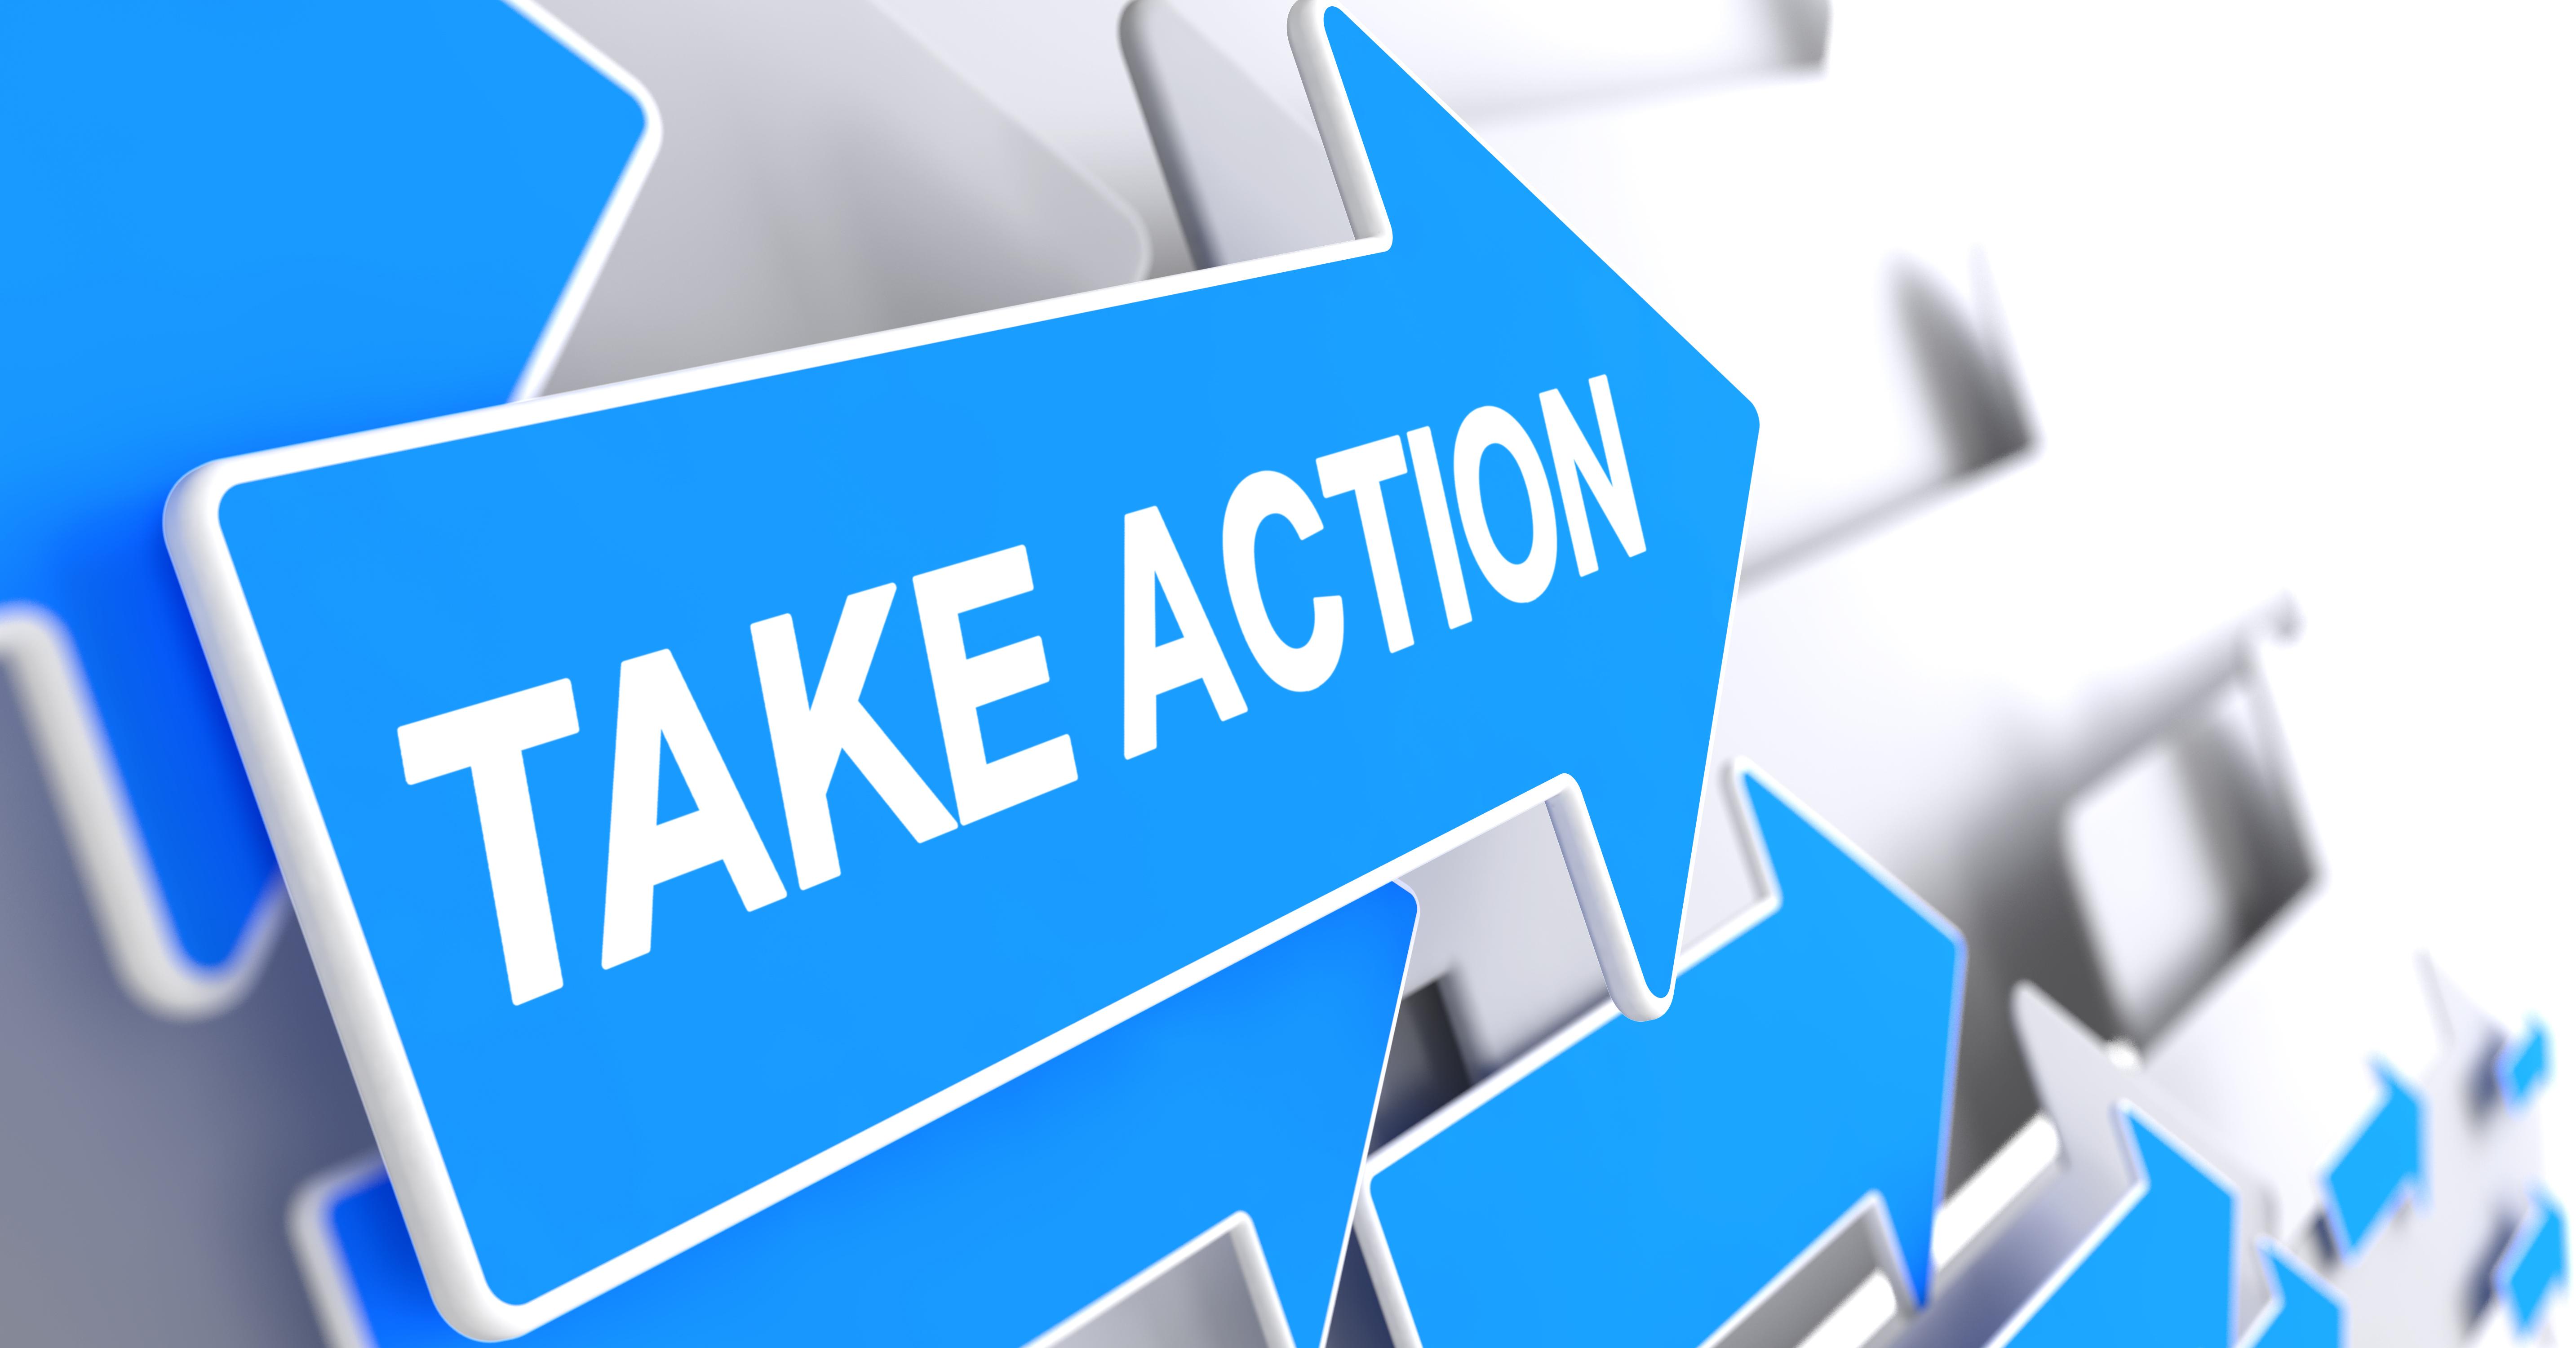 take action-1